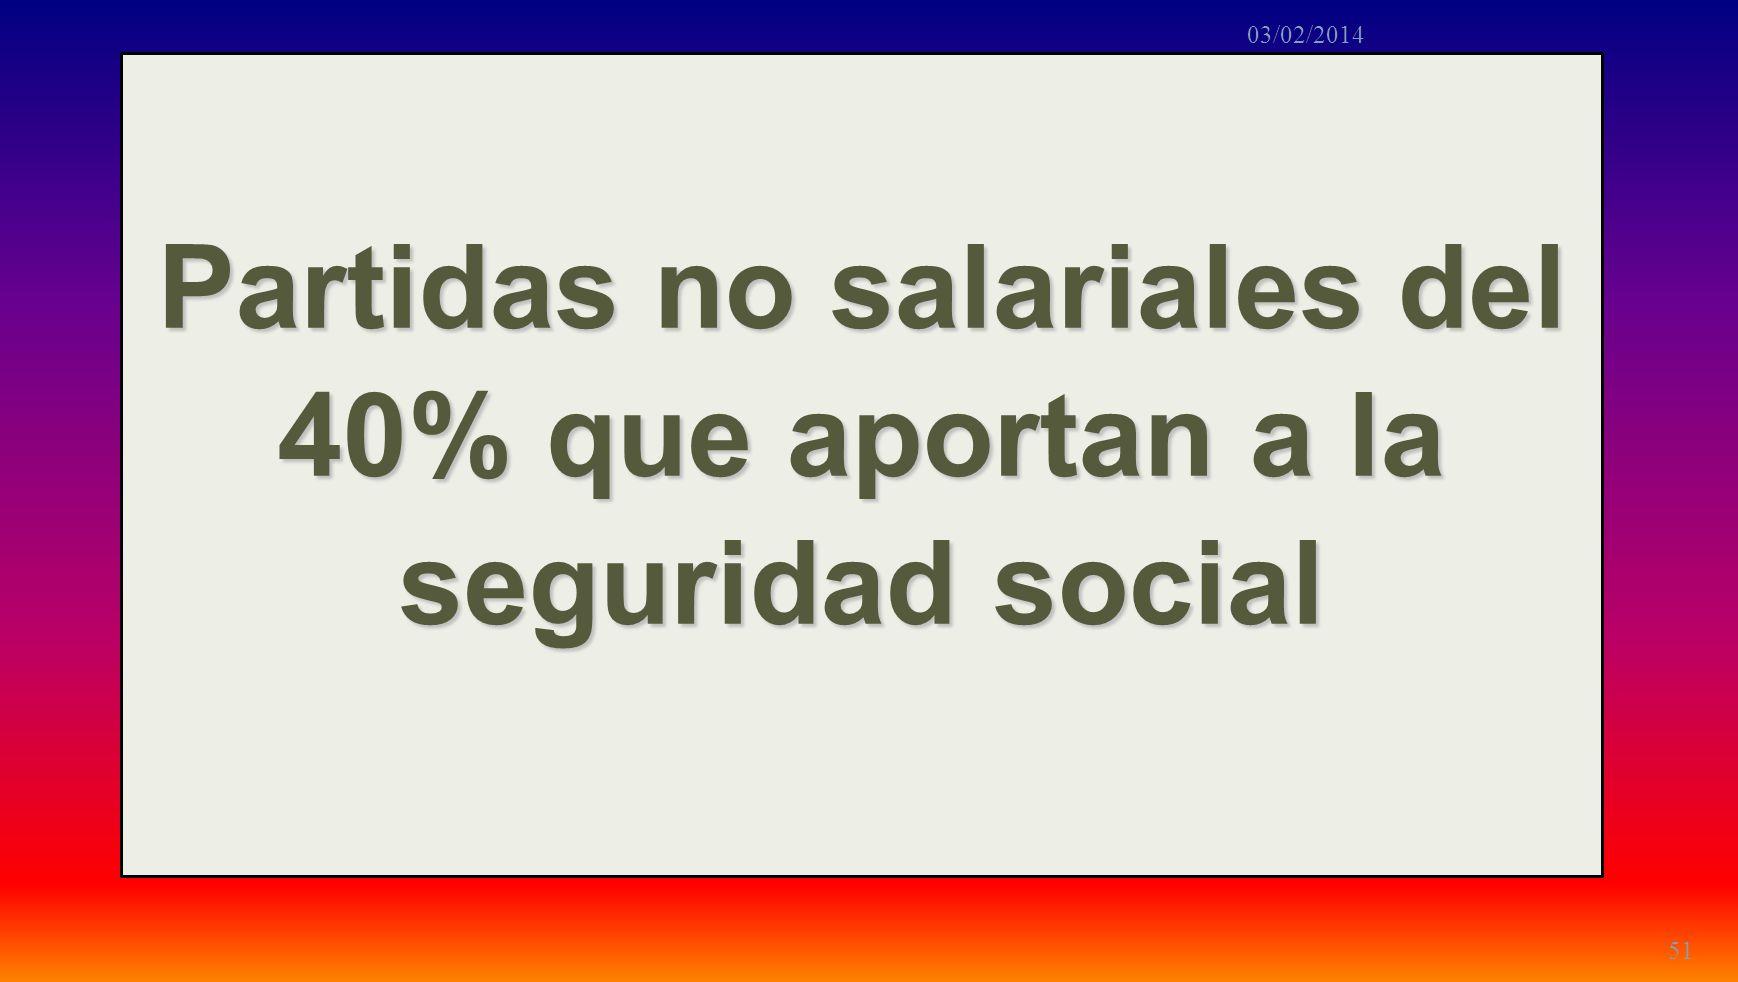 Partidas no salariales del 40% que aportan a la seguridad social 51 03/02/2014